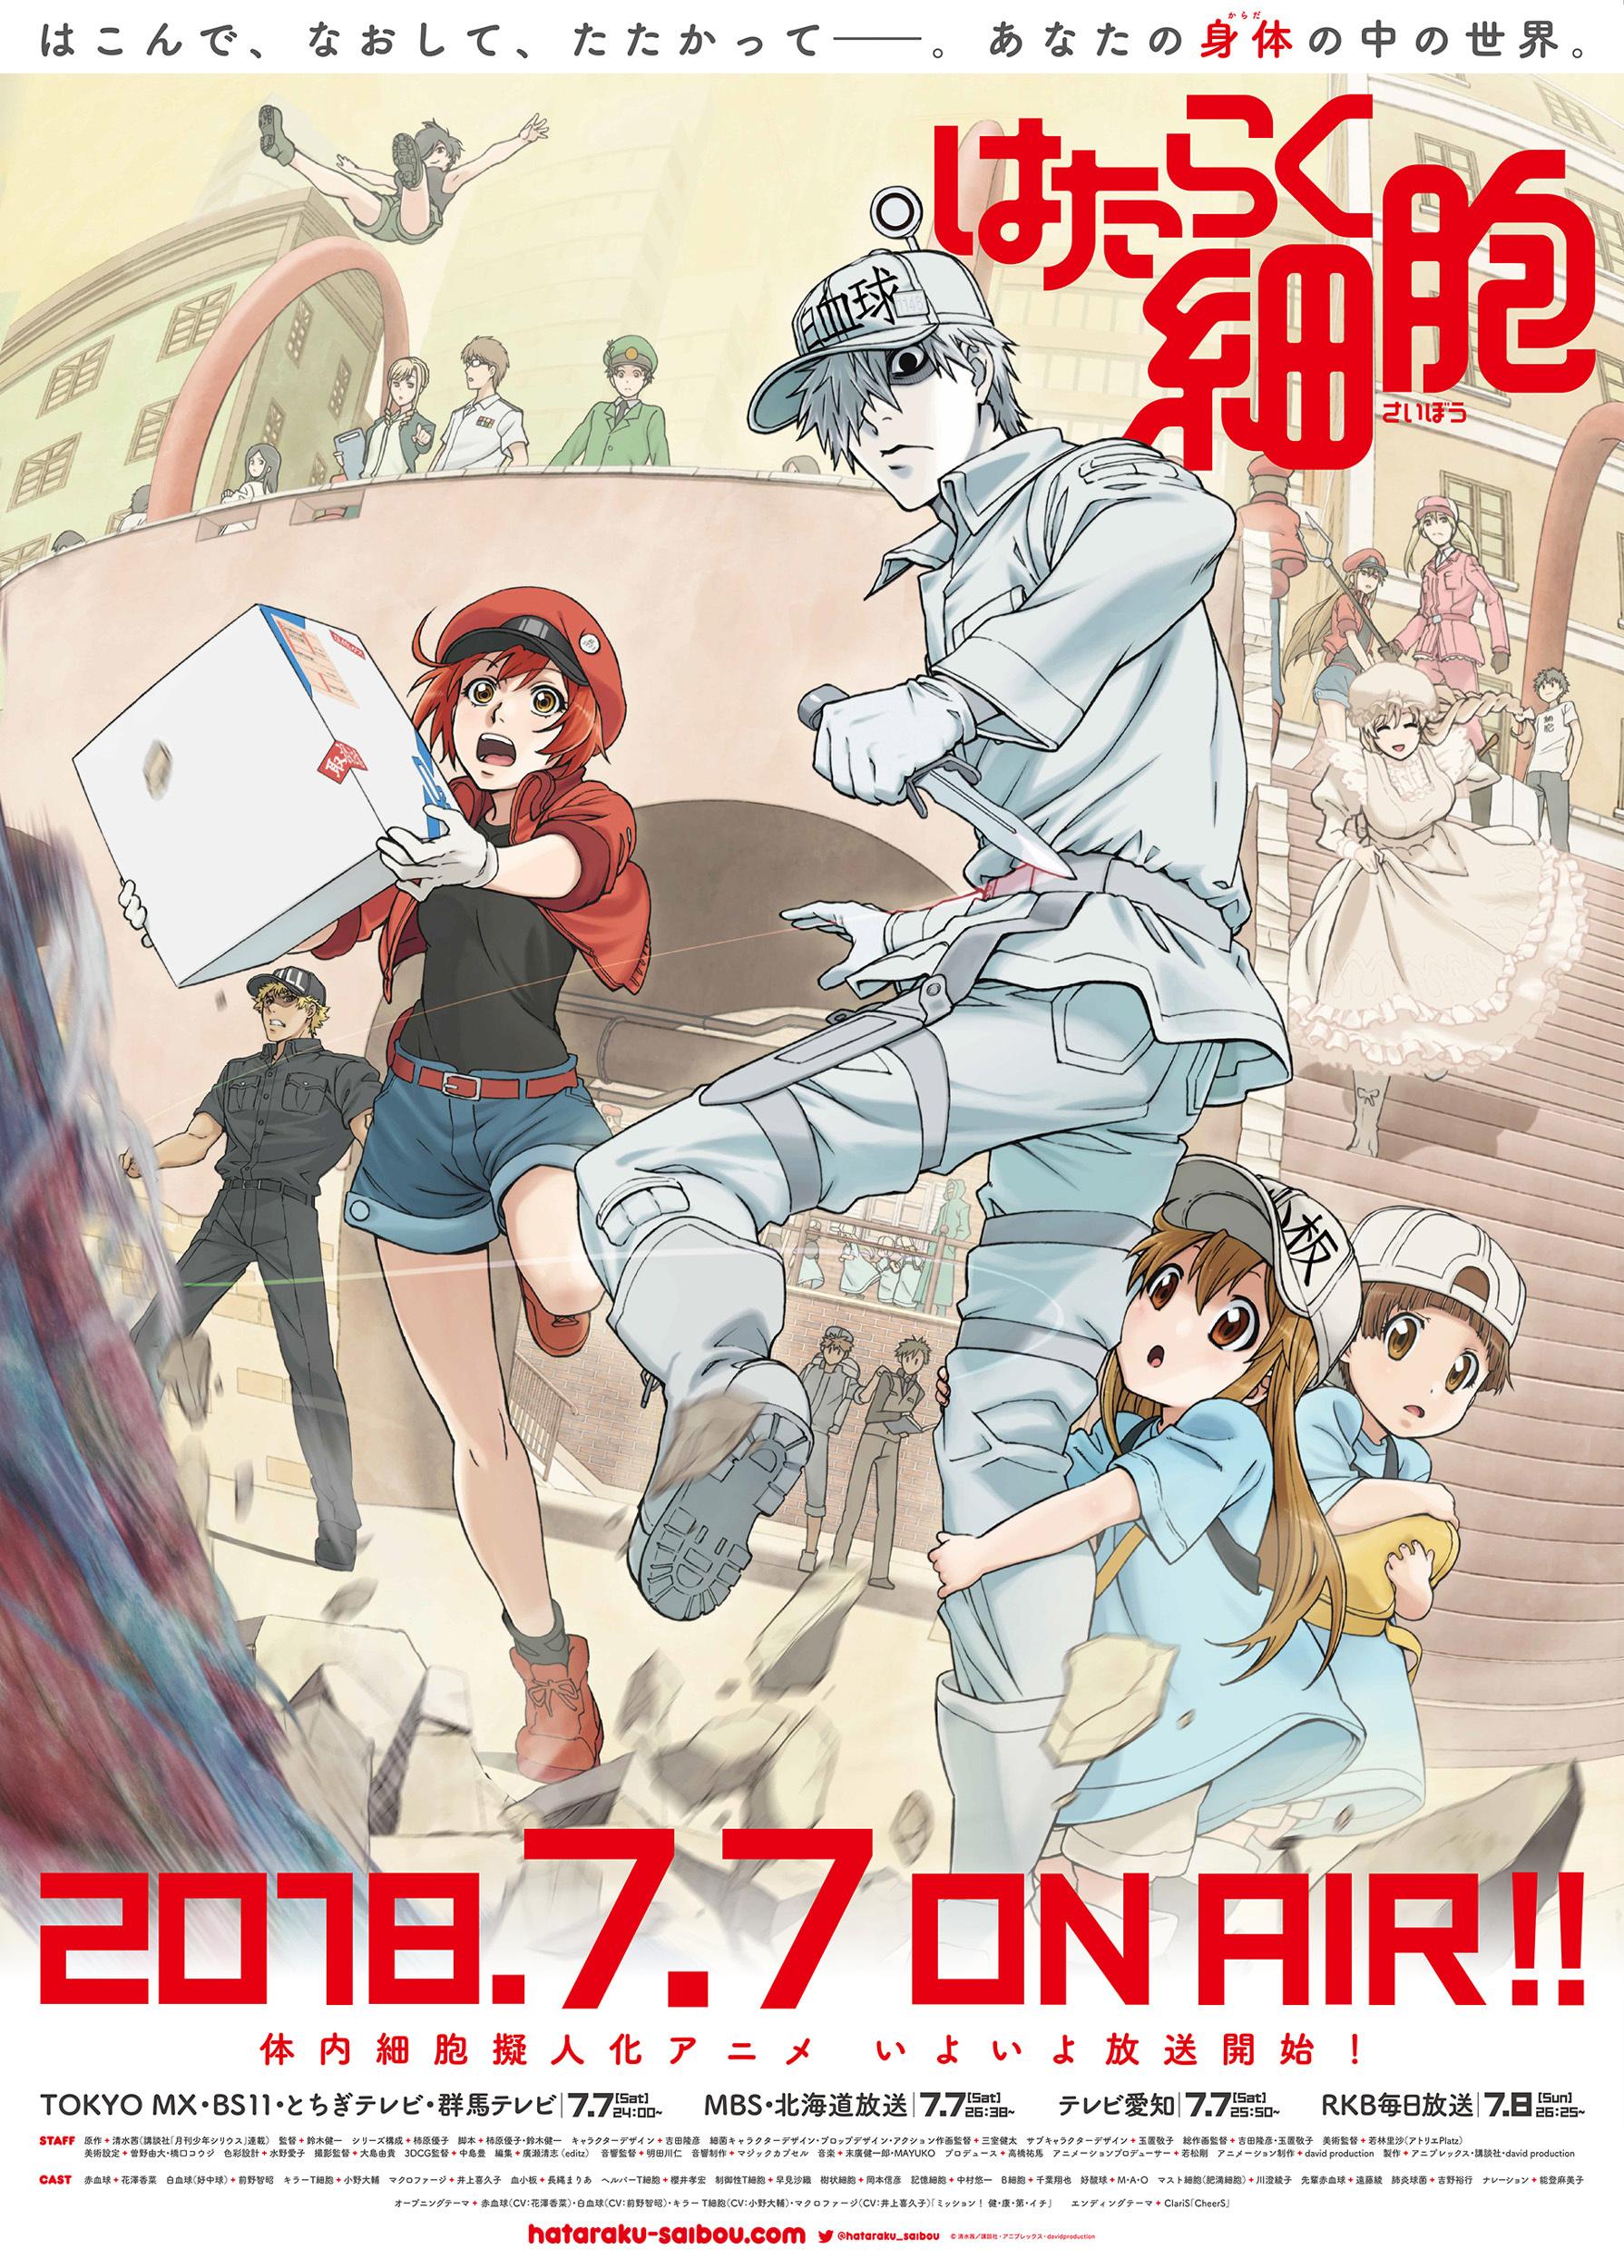 TVアニメ『はたらく細胞』第2弾キービジュアルを使用したポスター (C)清水茜/講談社・アニプレックス・davidproduction